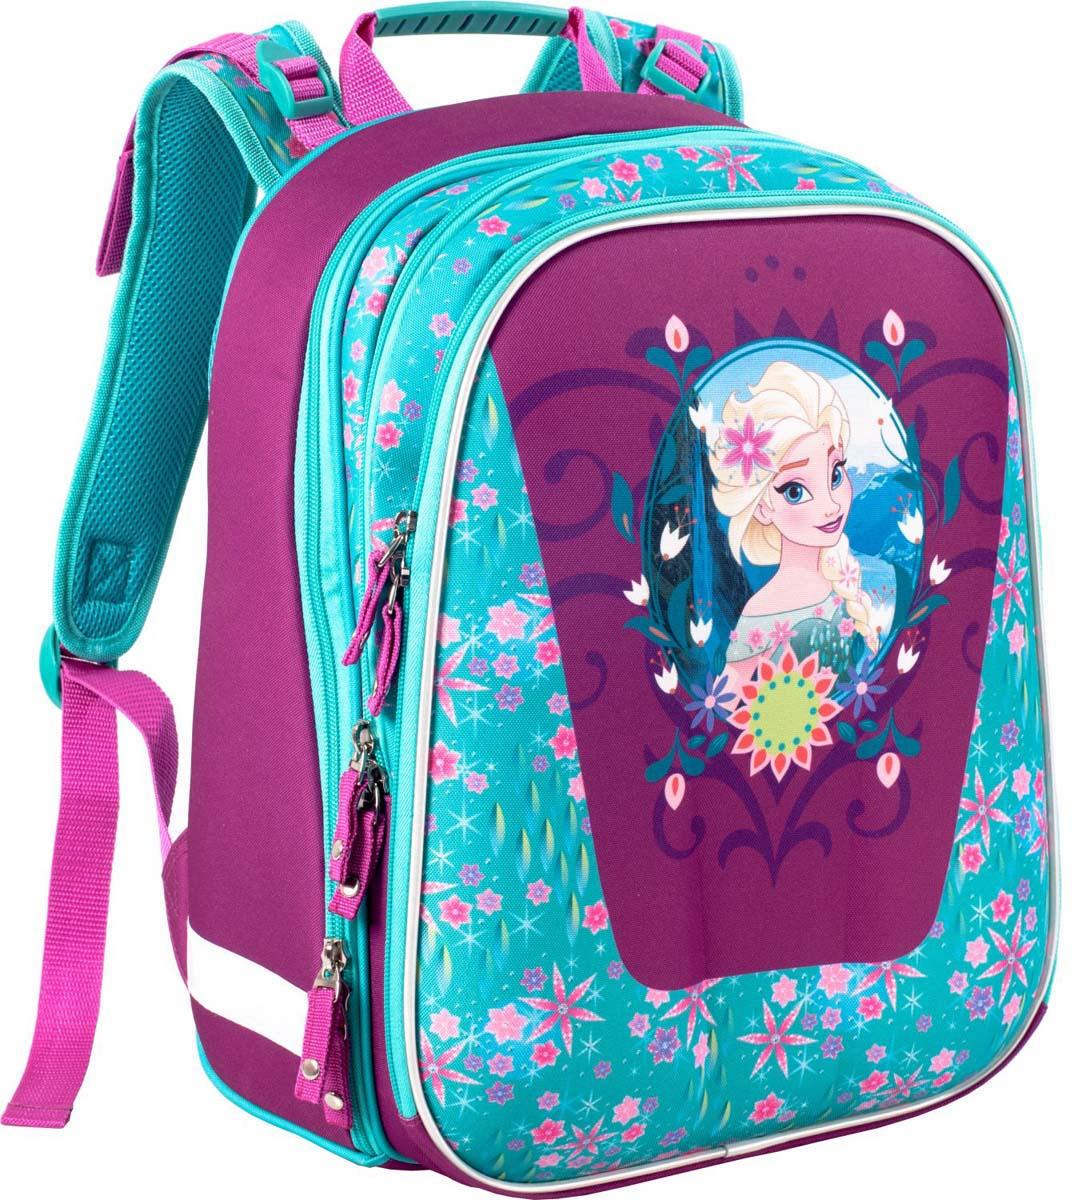 Disney Рюкзак детский Elsa Com Style39409Рюкзак каркасный Disney Elsa Com Style - это очень практичное и качественное текстильноеизделие. Жёсткий корпус защитит ребёнка и содержимое: он не позволит книгам и учебникамвтыкаться в спину и сбережёт рюкзак, если ученик его уронит. А смягчающие элементы (поролон исетка) сделают процесс ношения этого предмета комфортным.